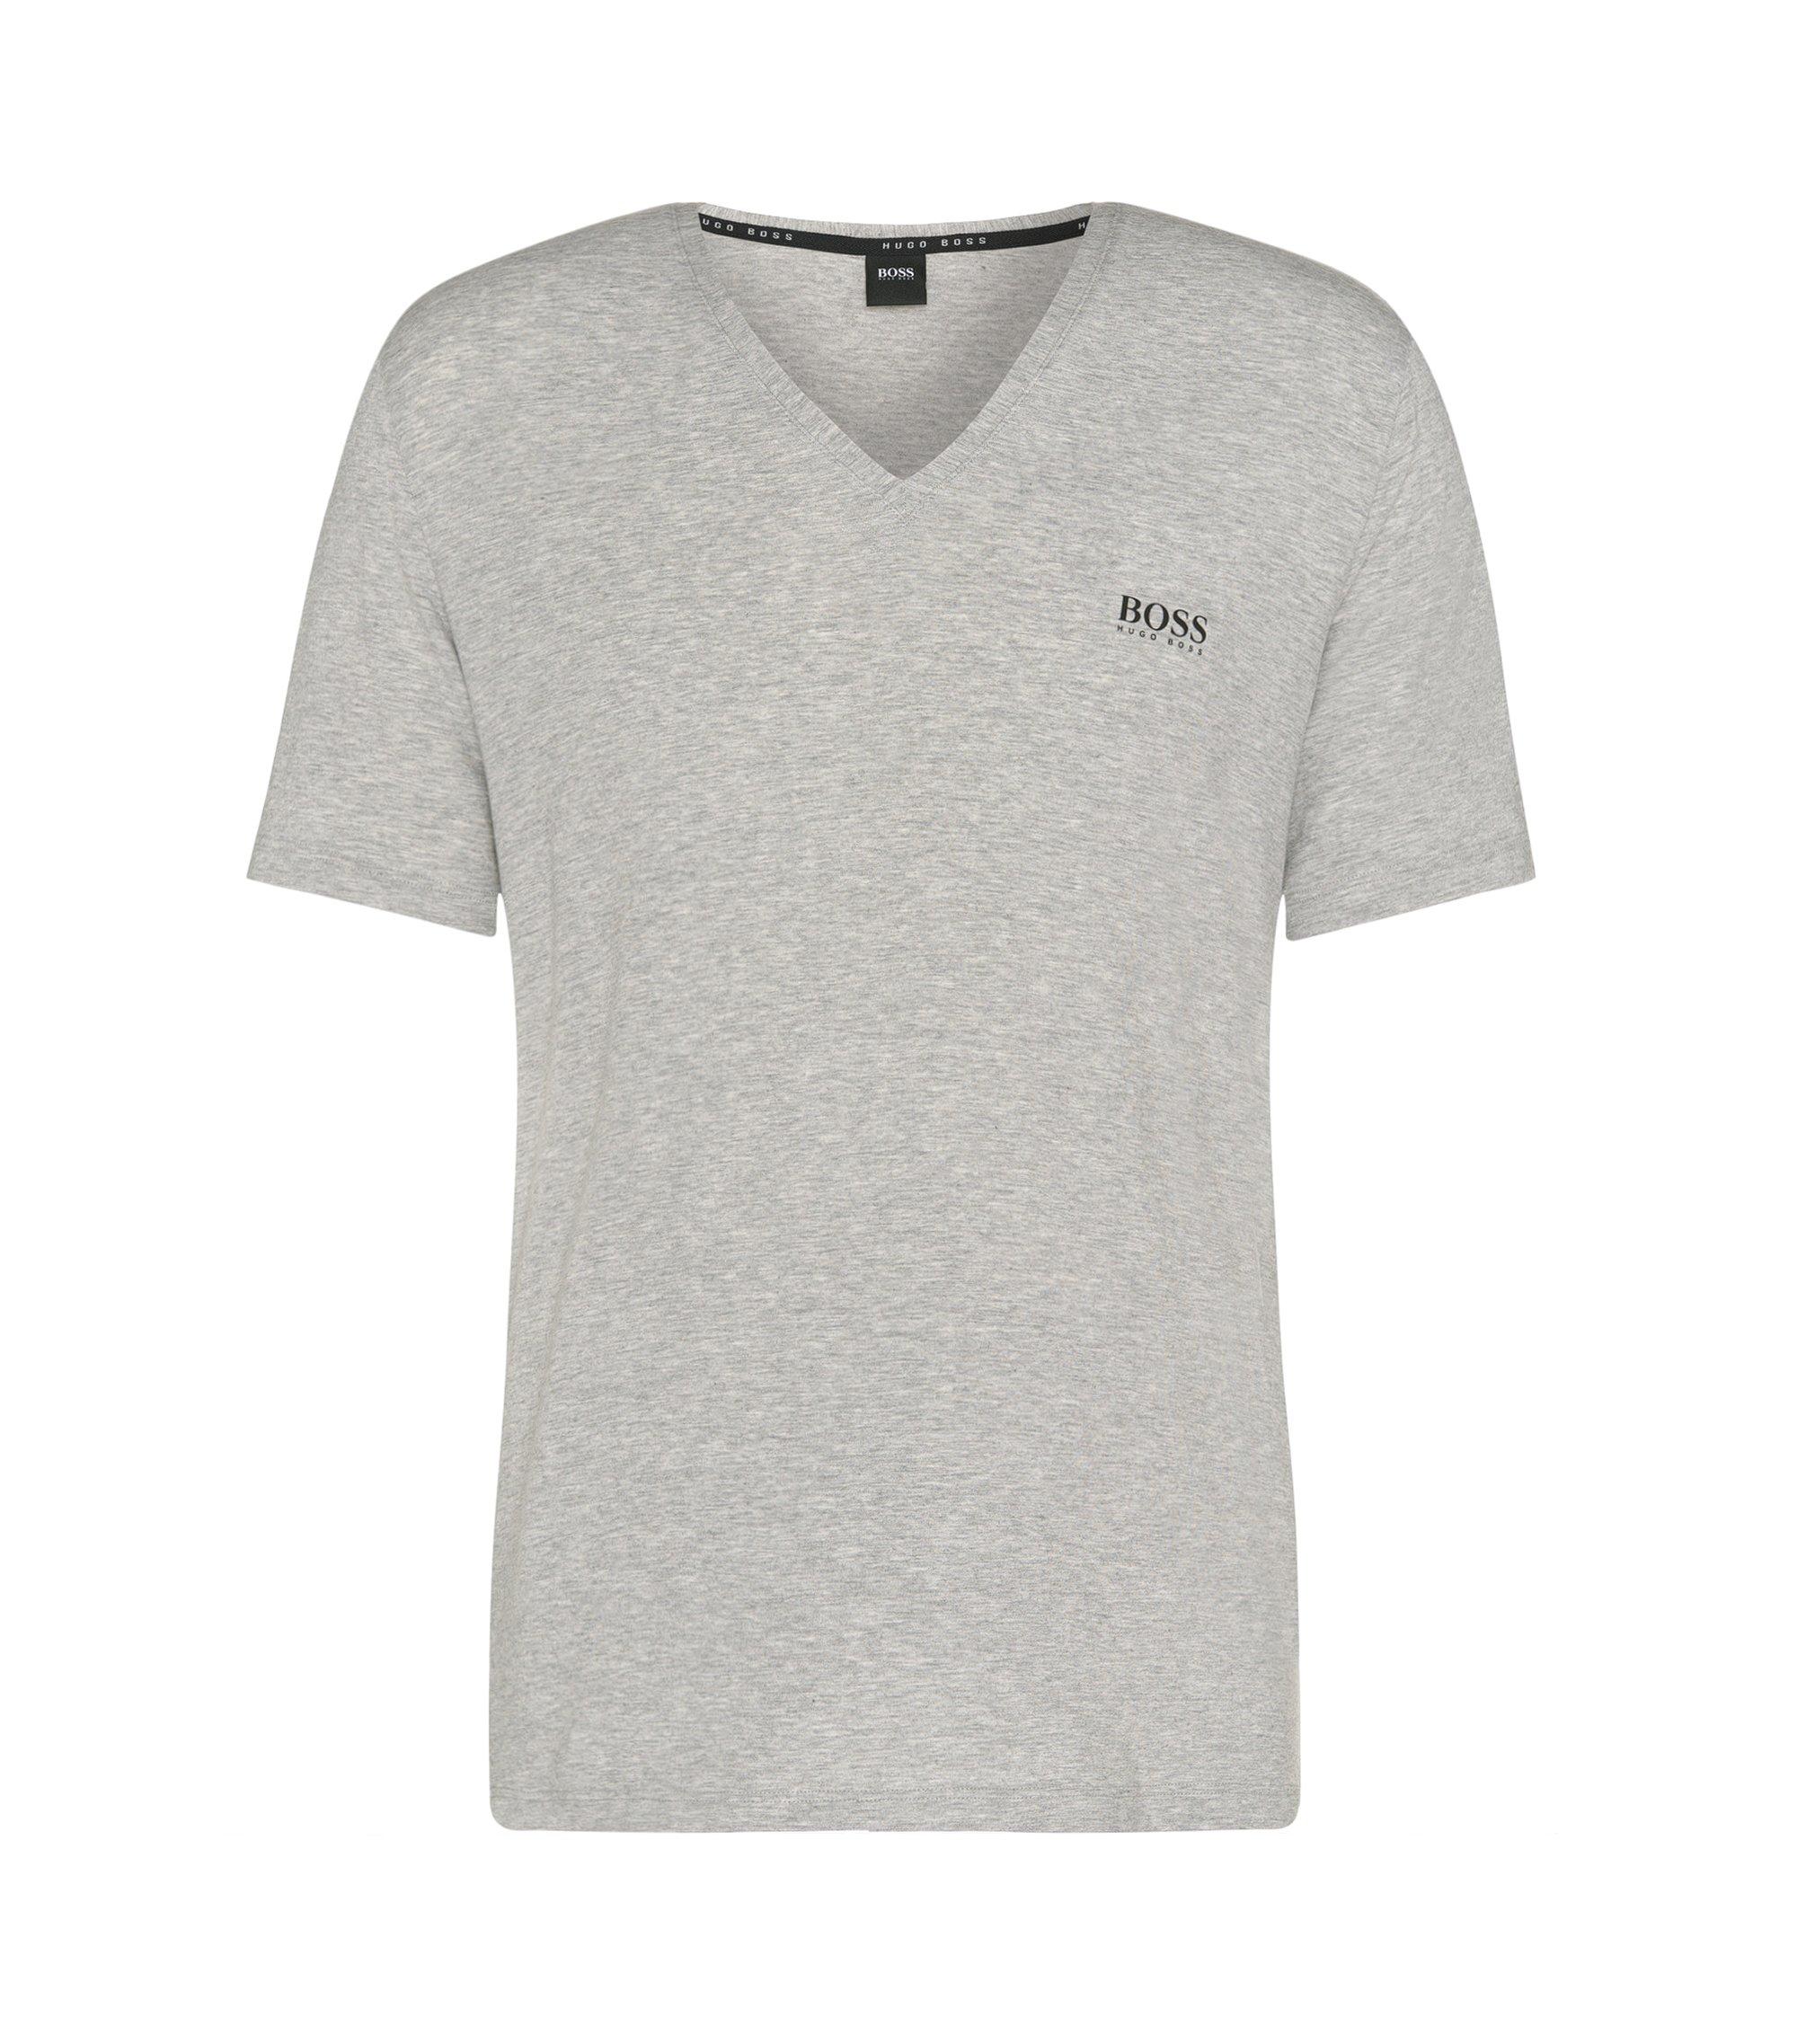 Regular-Fit T-Shirt aus Stretch-Modal: 'Shirt VN', Grau